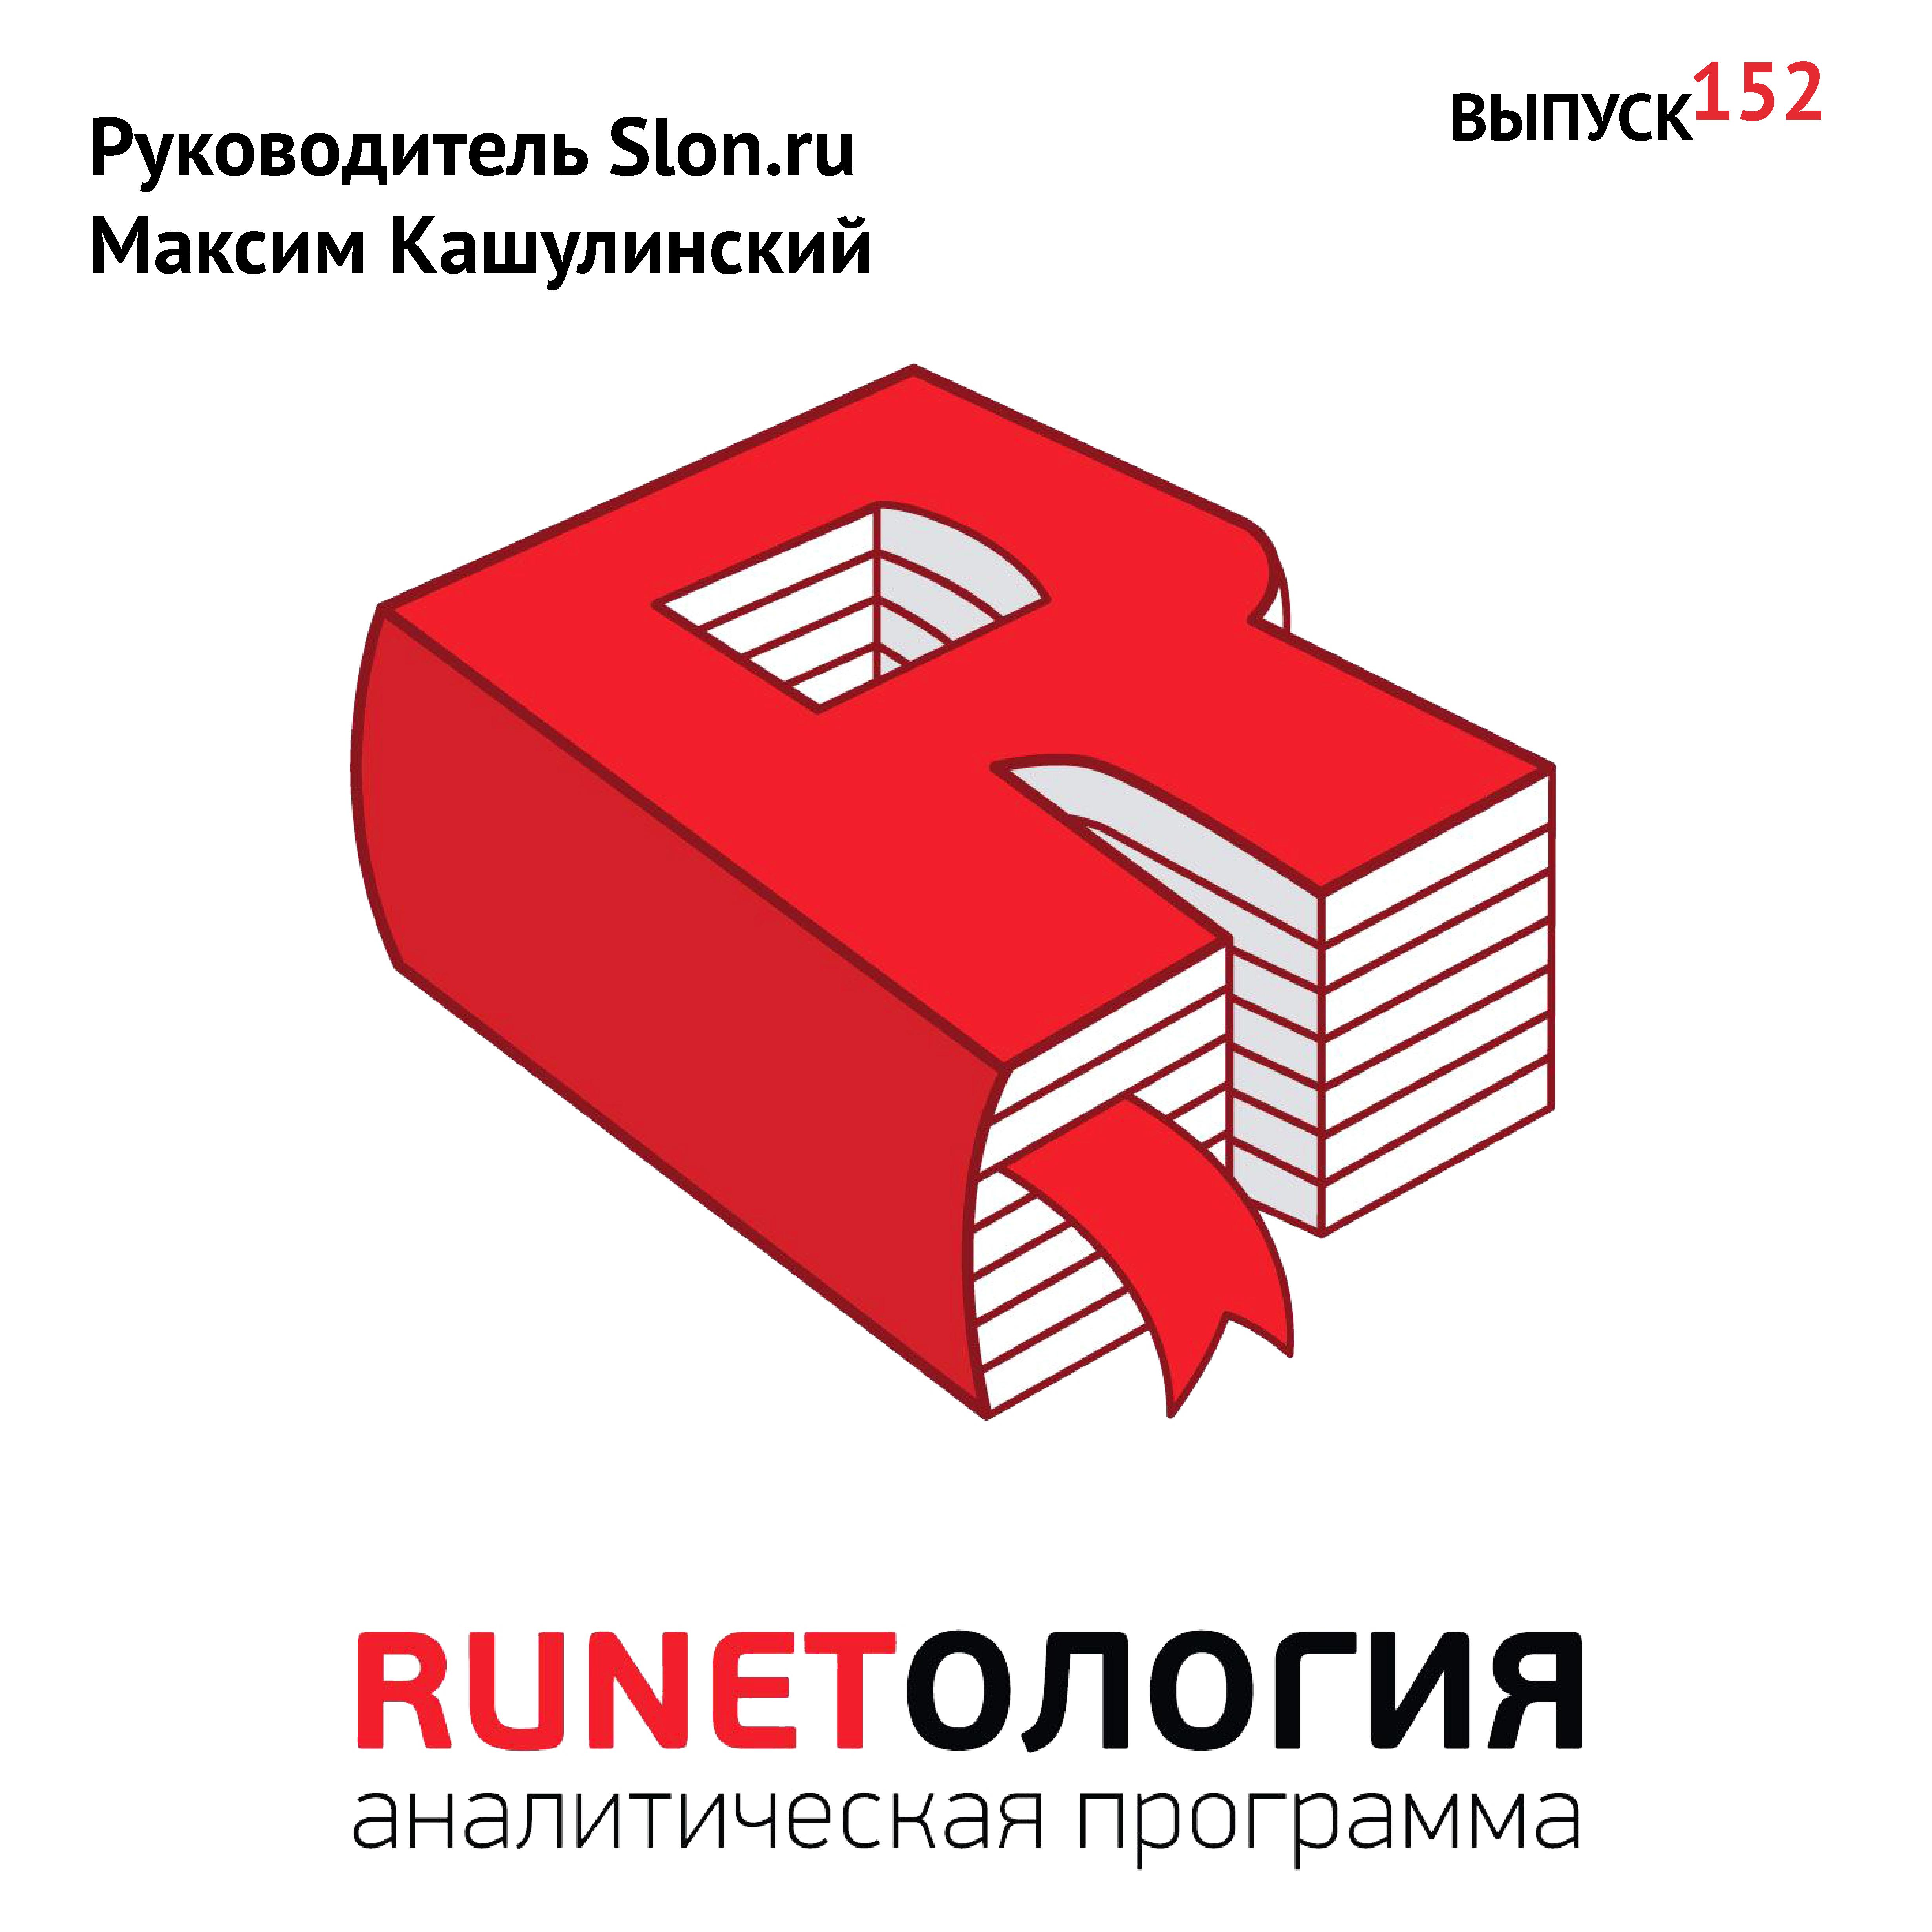 Максим Спиридонов Руководитель Slon.ru Максим Кашулинский